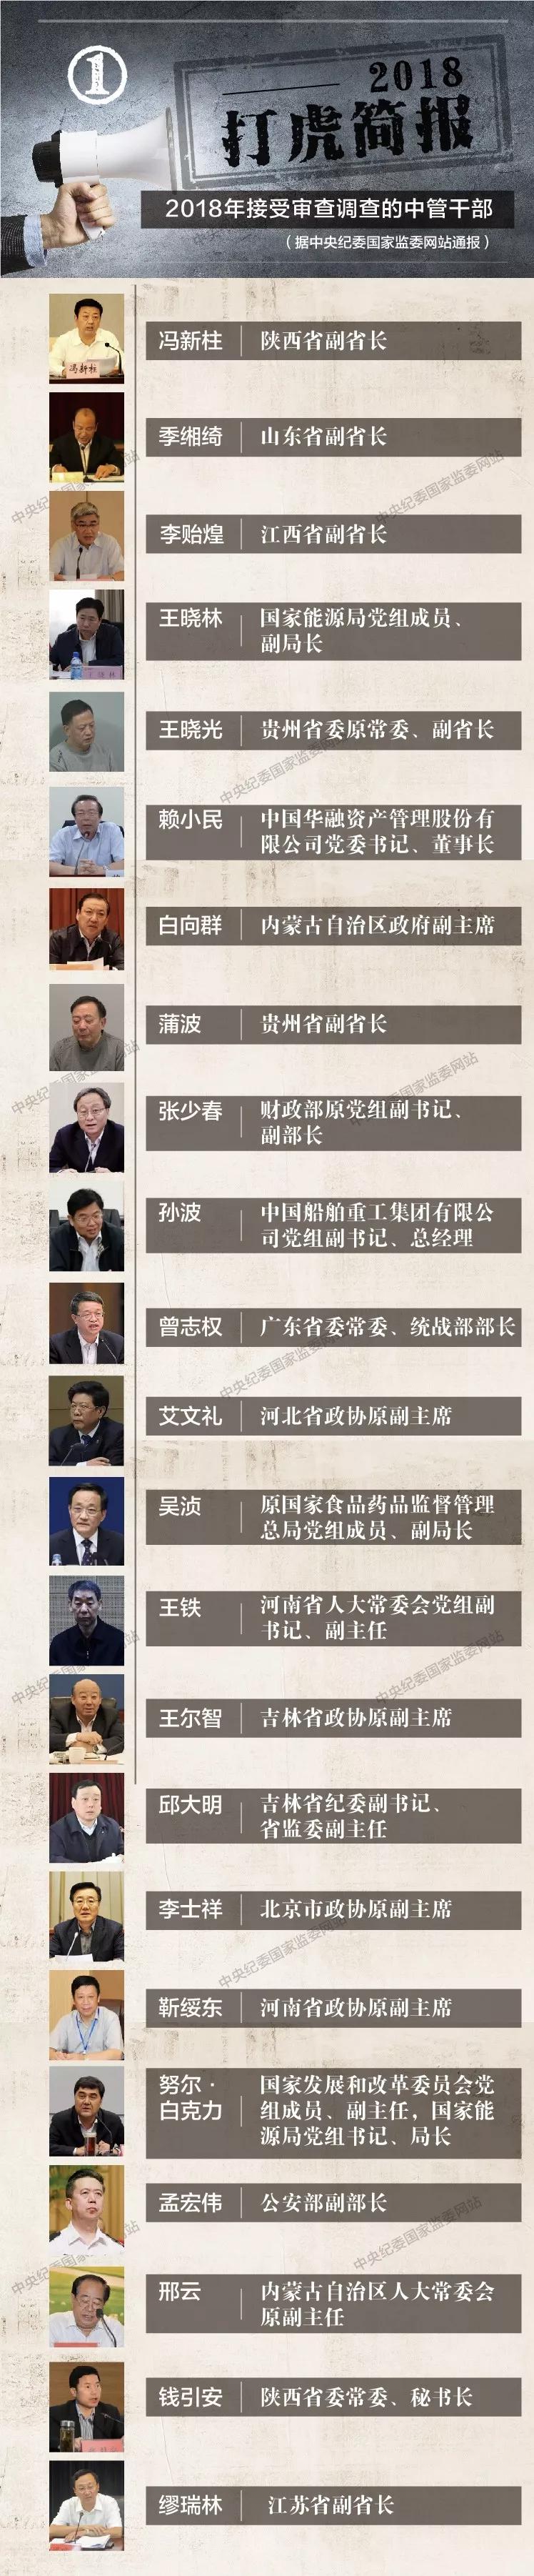 """2018""""打虎""""简报:23名中管干部接受审查调查"""